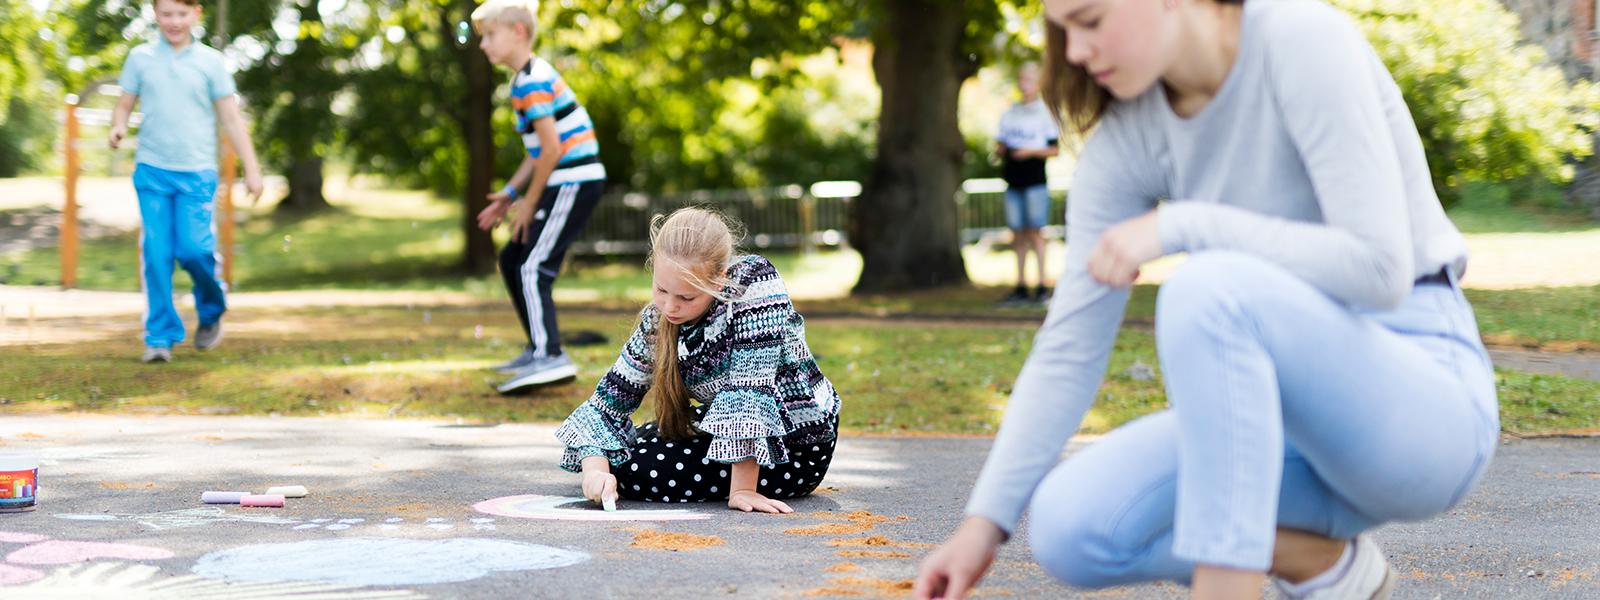 Lapset leikkivät erilaisia leikkejä pihalla